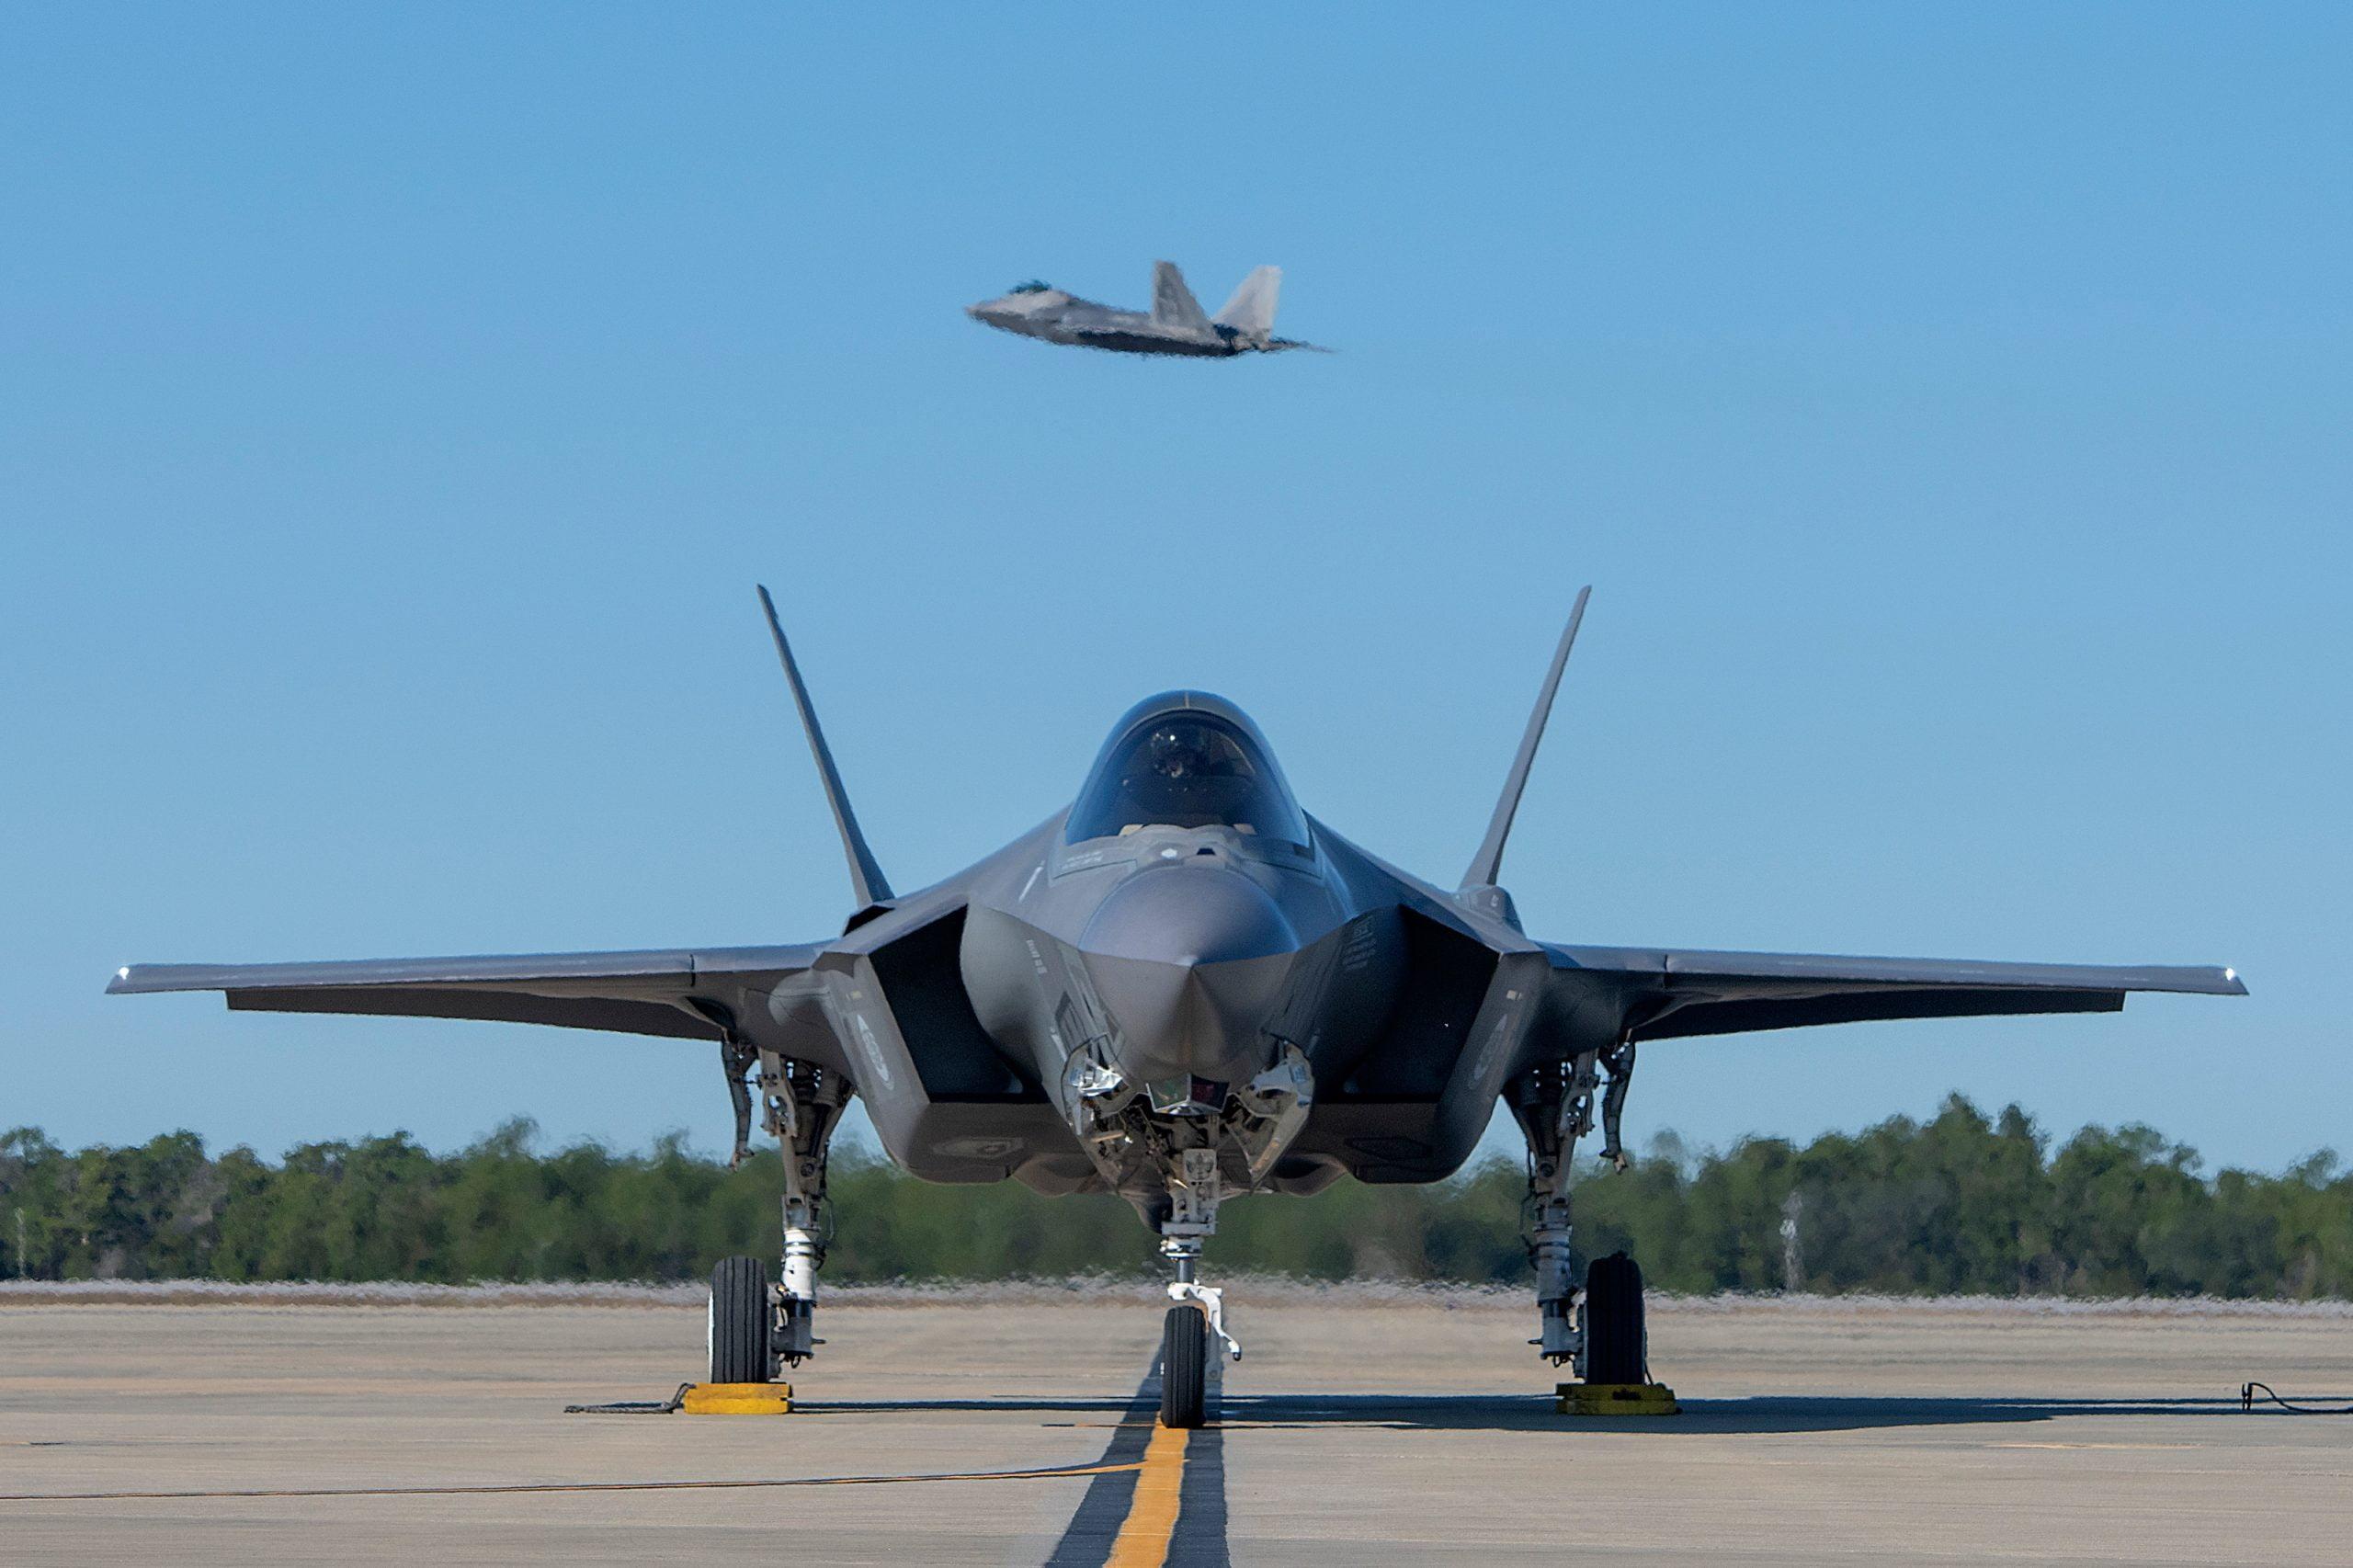 Η πολεμική αεροπορία των ΗΠΑ ερευνά ατύχημα με F-35, ύστερα από δύο ατυχήματα τον προηγούμενο μήνα